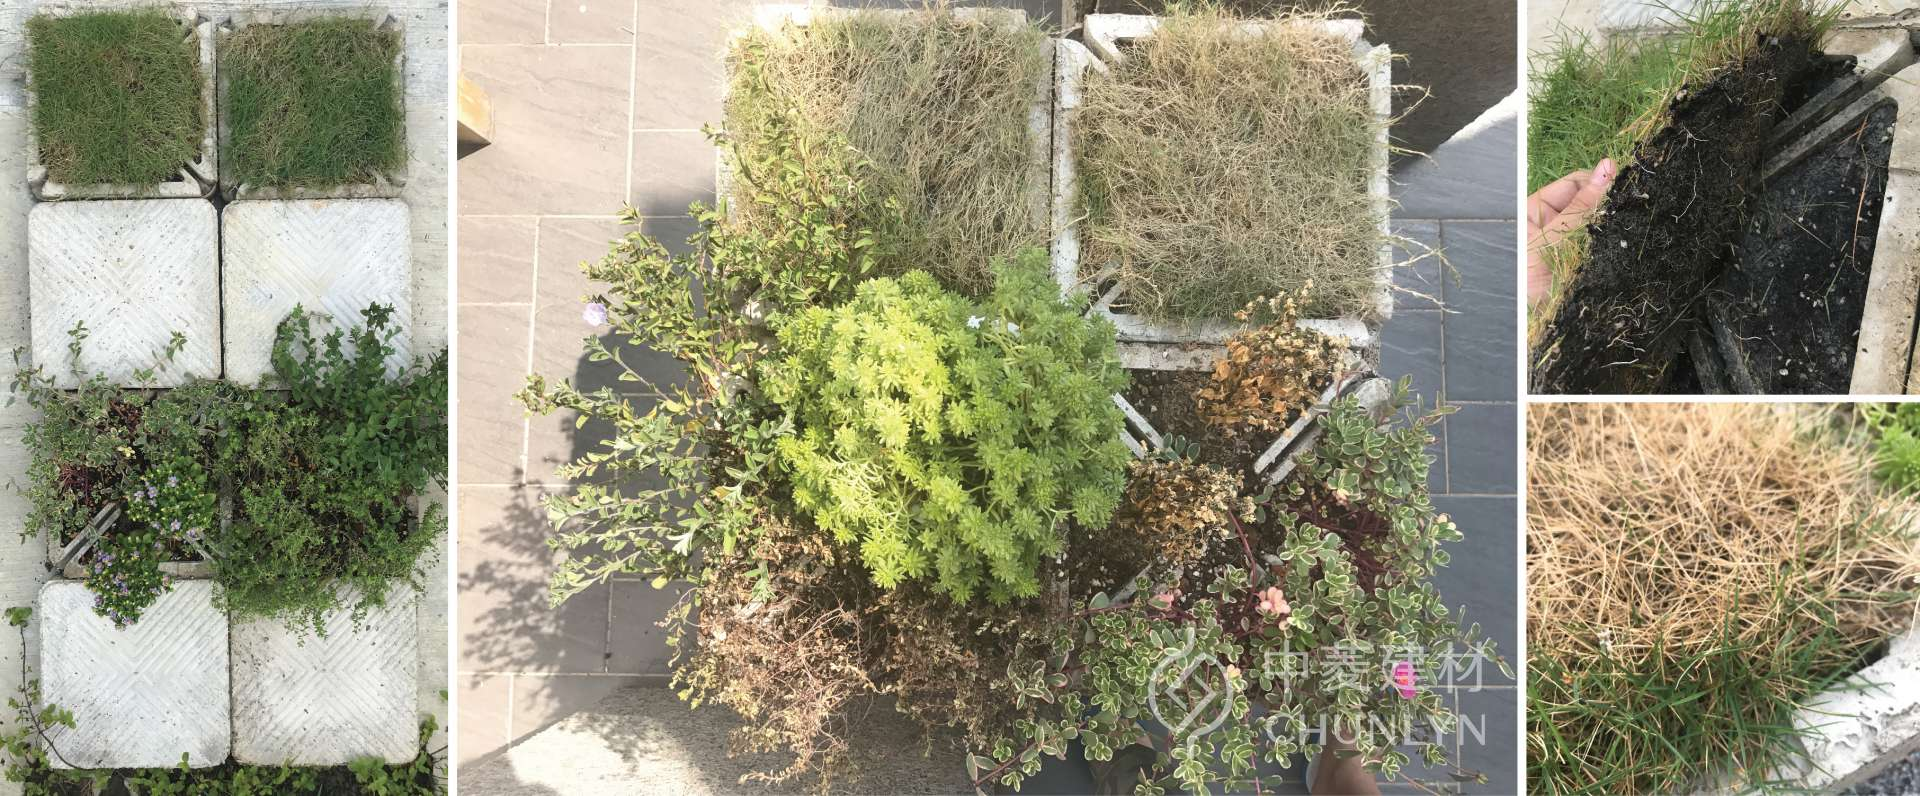 Cooler屋頂植草隔熱兩用磚為植物纖維所製,保水性比塑膠盆好,而且能讓植物生長更順利